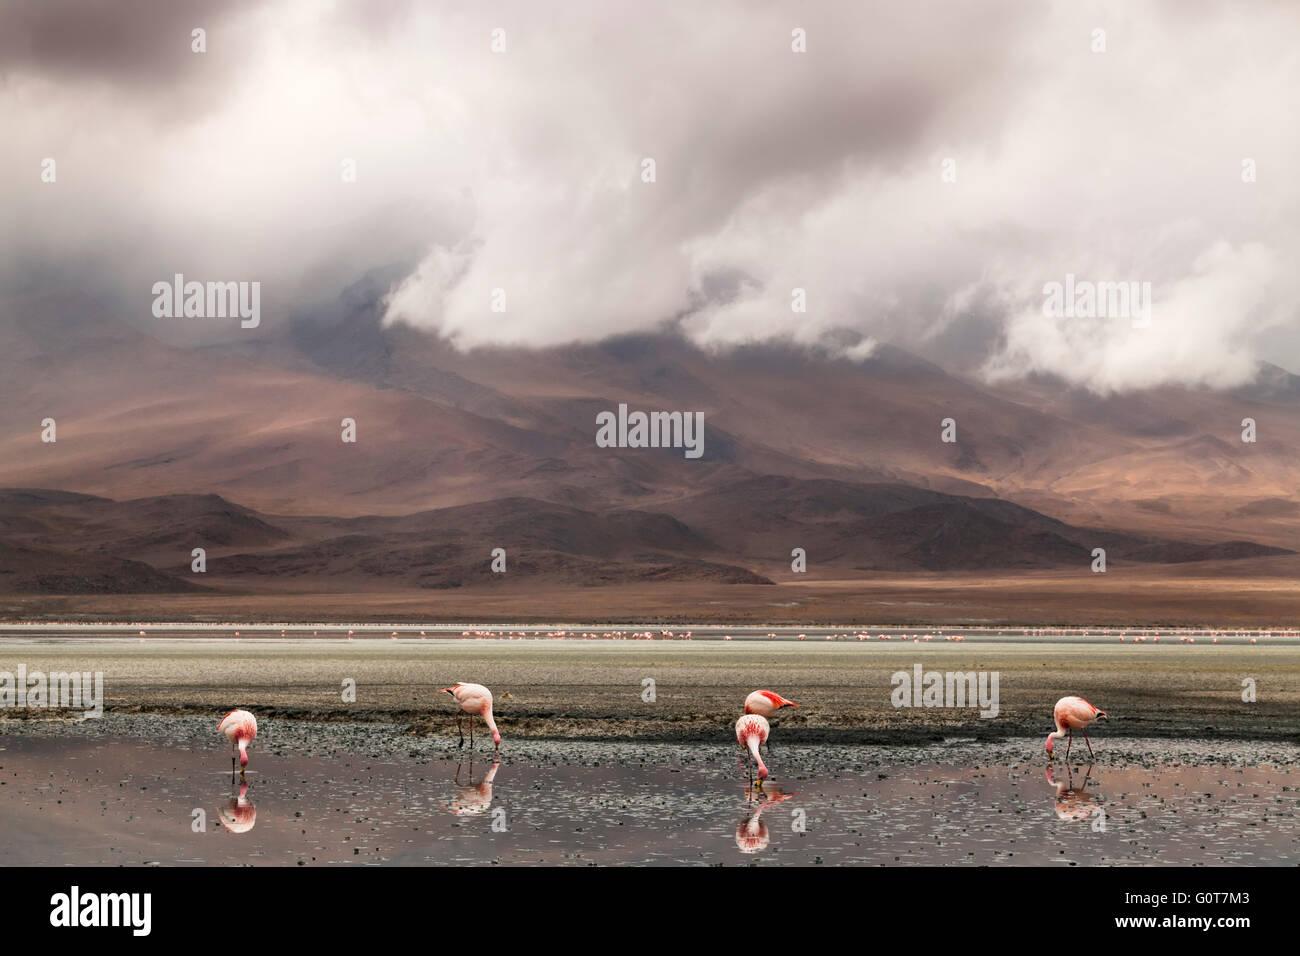 Les flamants se nourrir dans un lac sur les plaines de sel Salar de Uyuni, Bolivie, Amérique du Sud Photo Stock